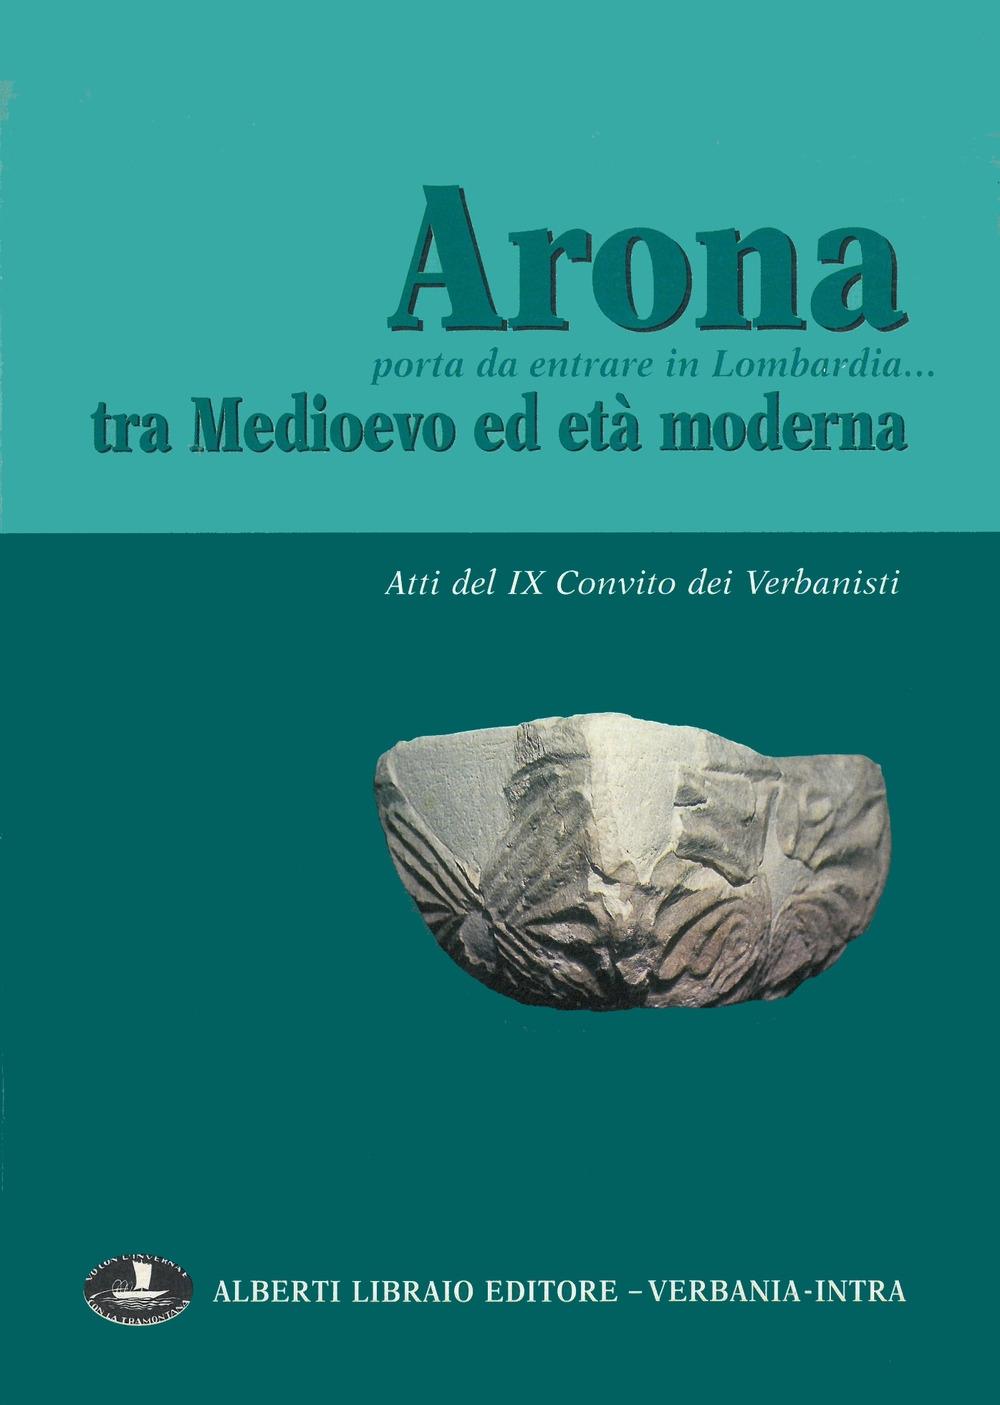 Arona, porta da entrare in Lombardia. Tra Medioevo ed età moderna